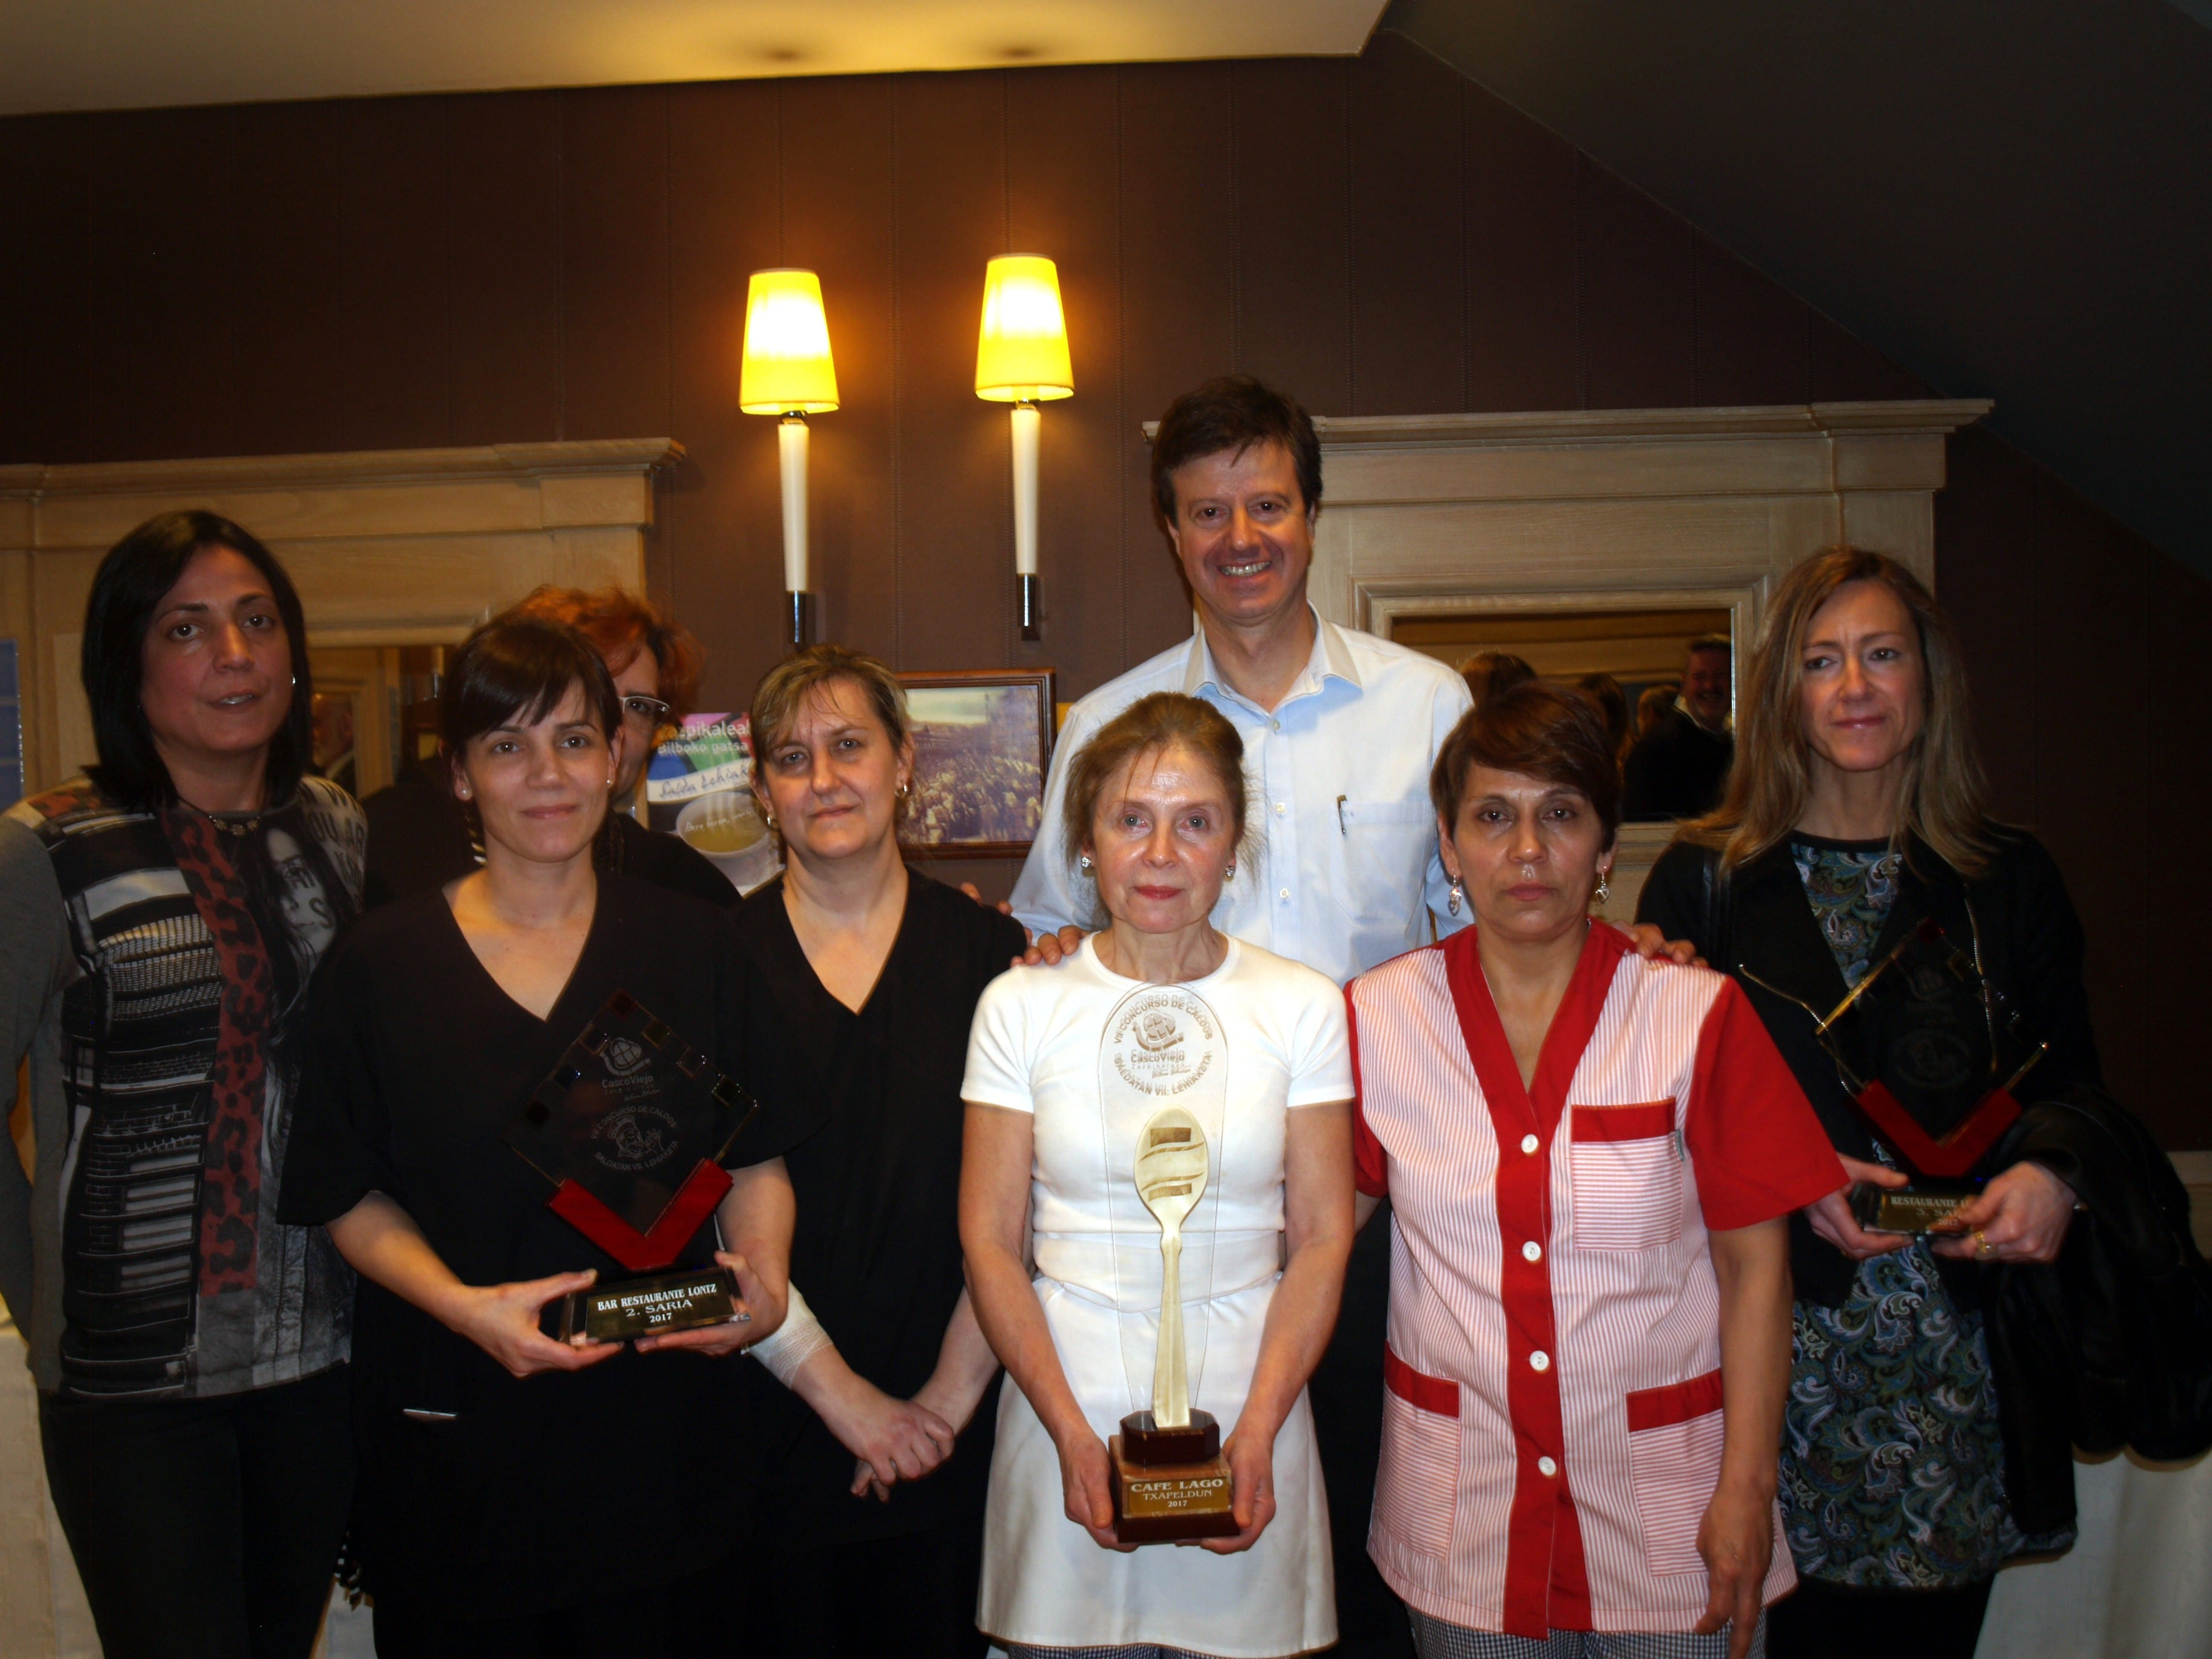 Foto de la familia de los ganadores del VII Concurso de Caldos del Casco Viejo de Bilbao